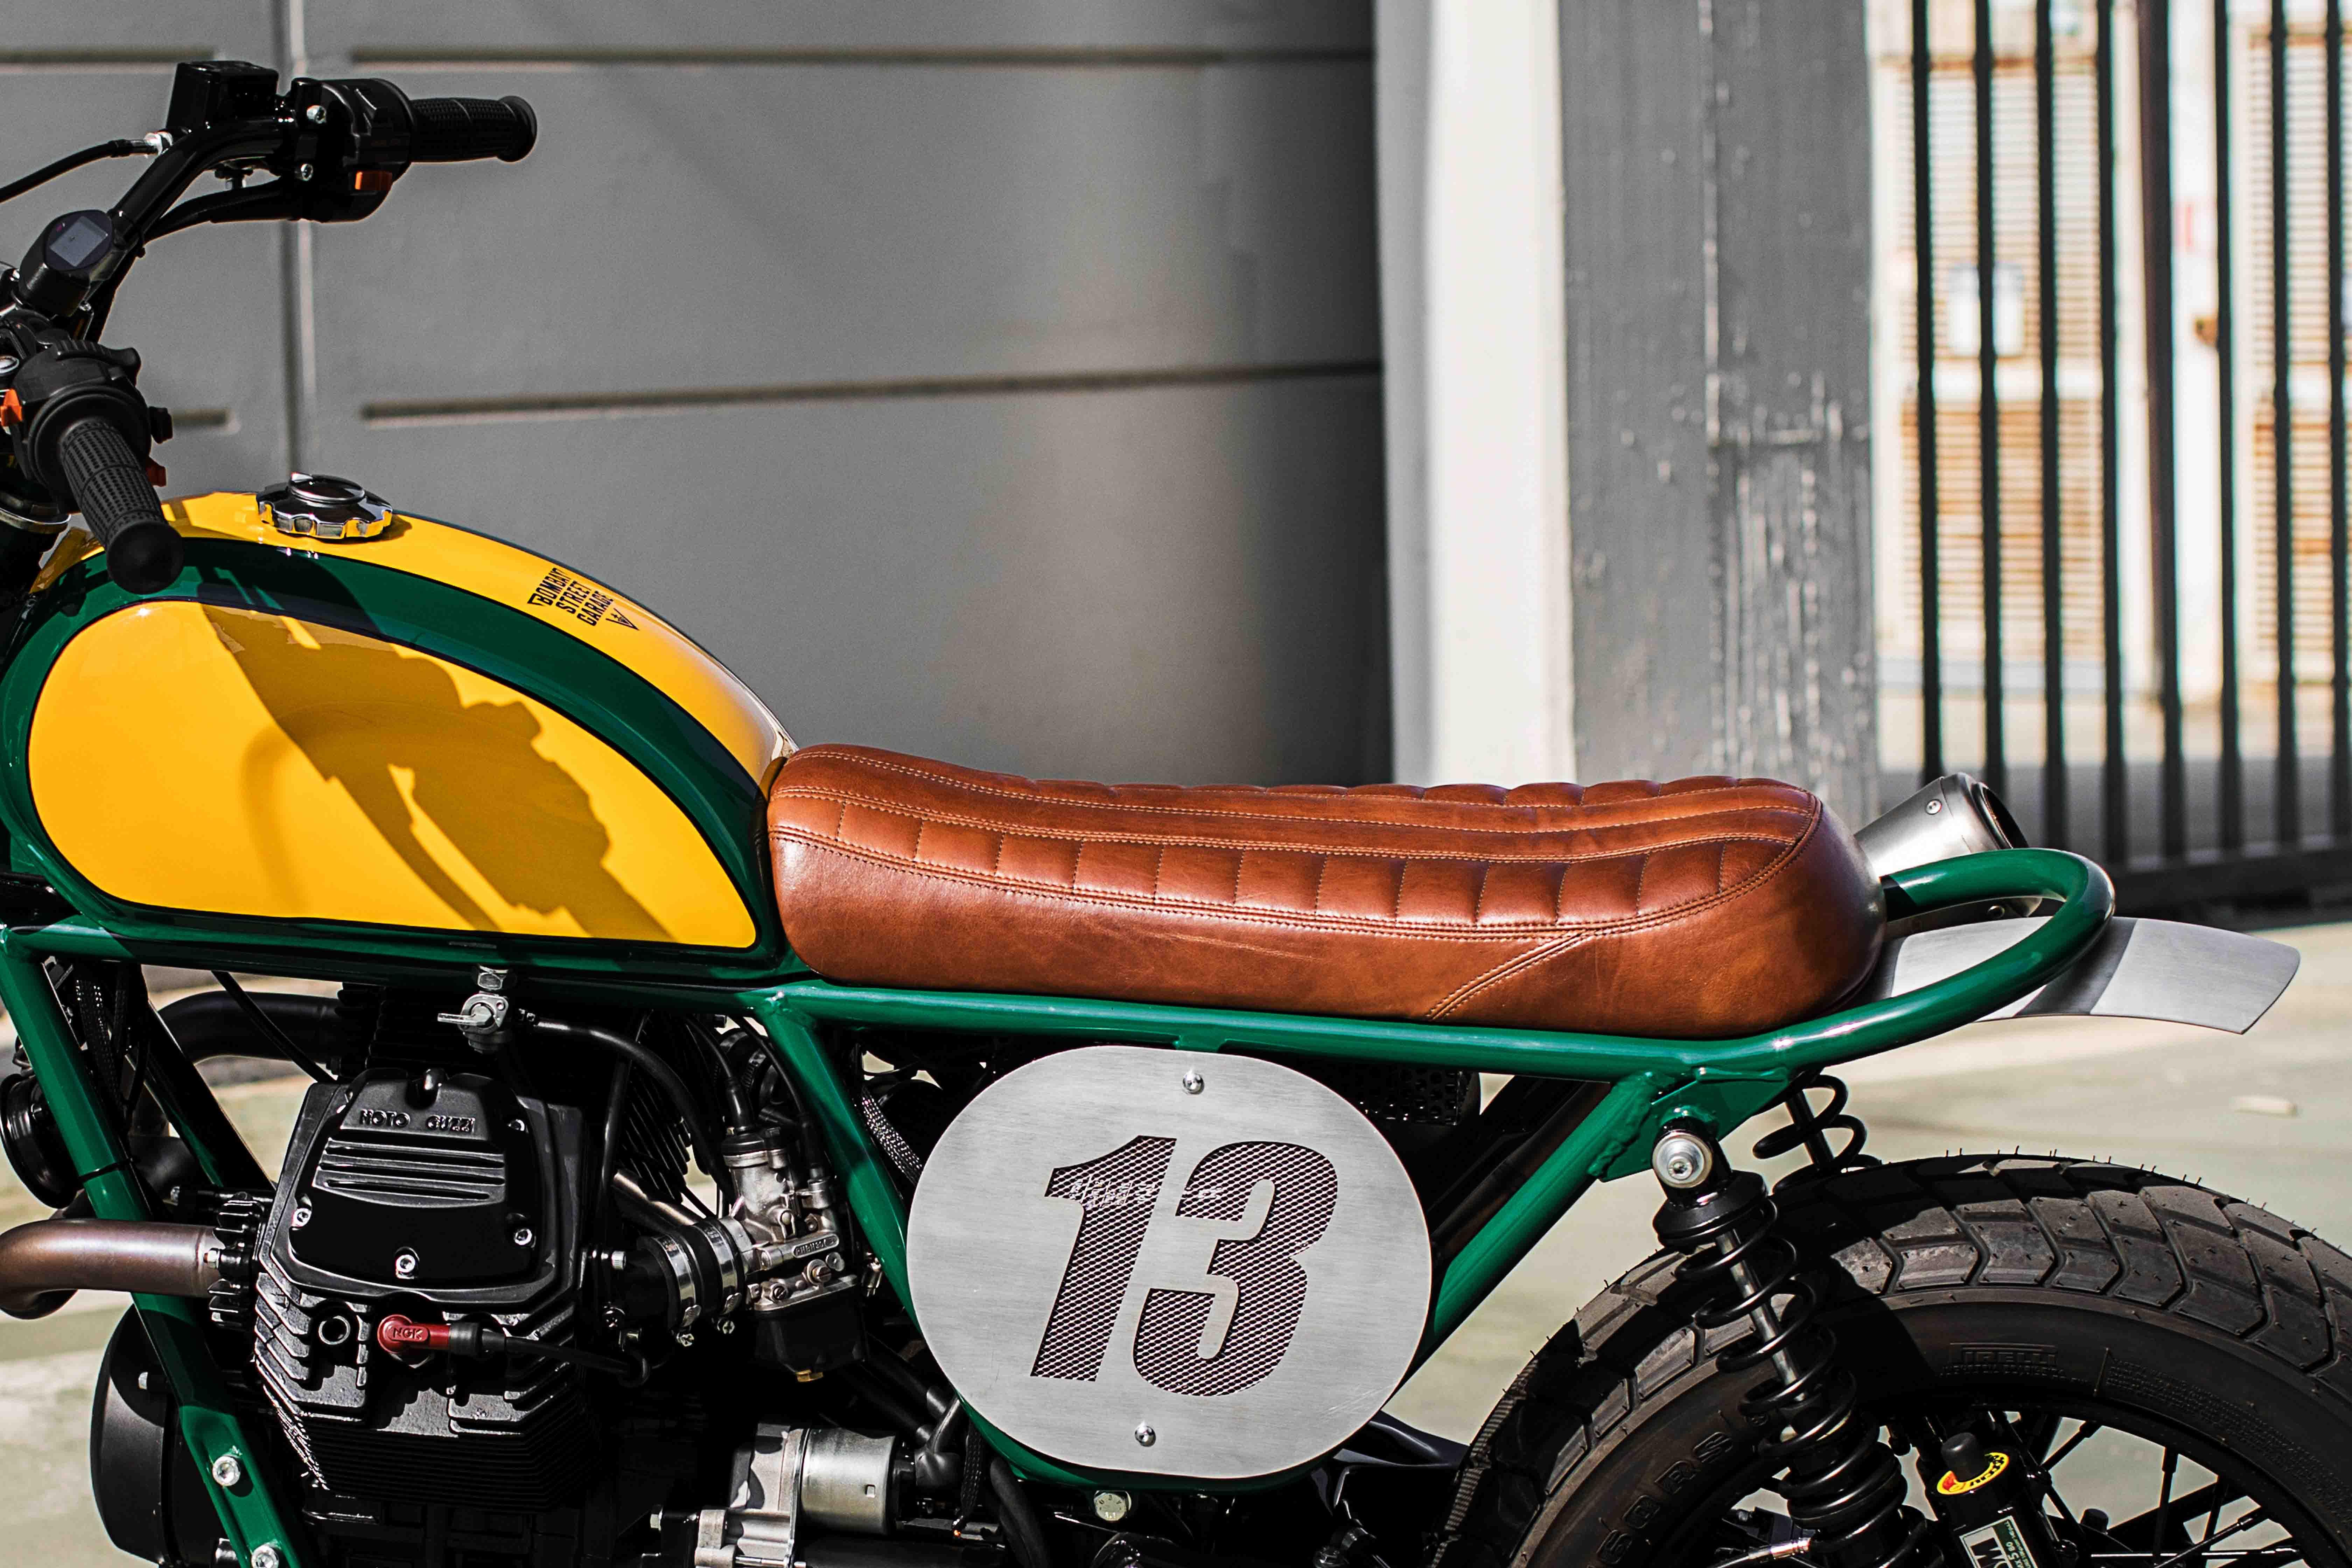 Bombay-13-Moto-Guzzi-Rust-and-Glory-17